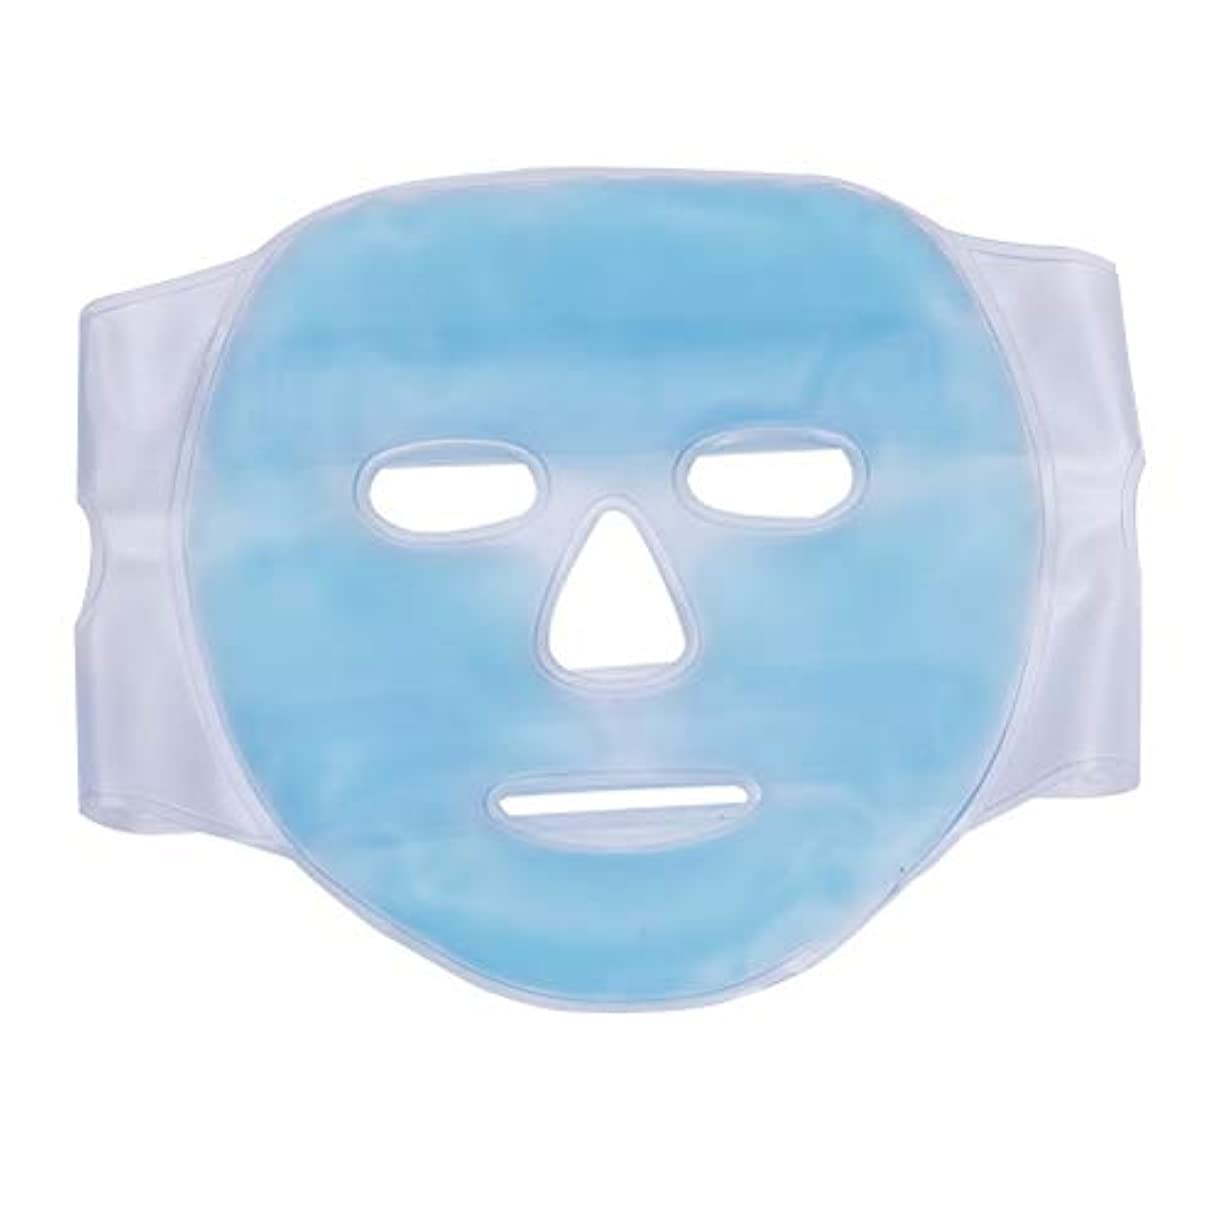 残基ビバ死傷者SUPVOX 美容マスクホットコールドセラピージェルビーズフルフェイシャルマスク睡眠用片頭痛緩腫れぼったい顔(青)